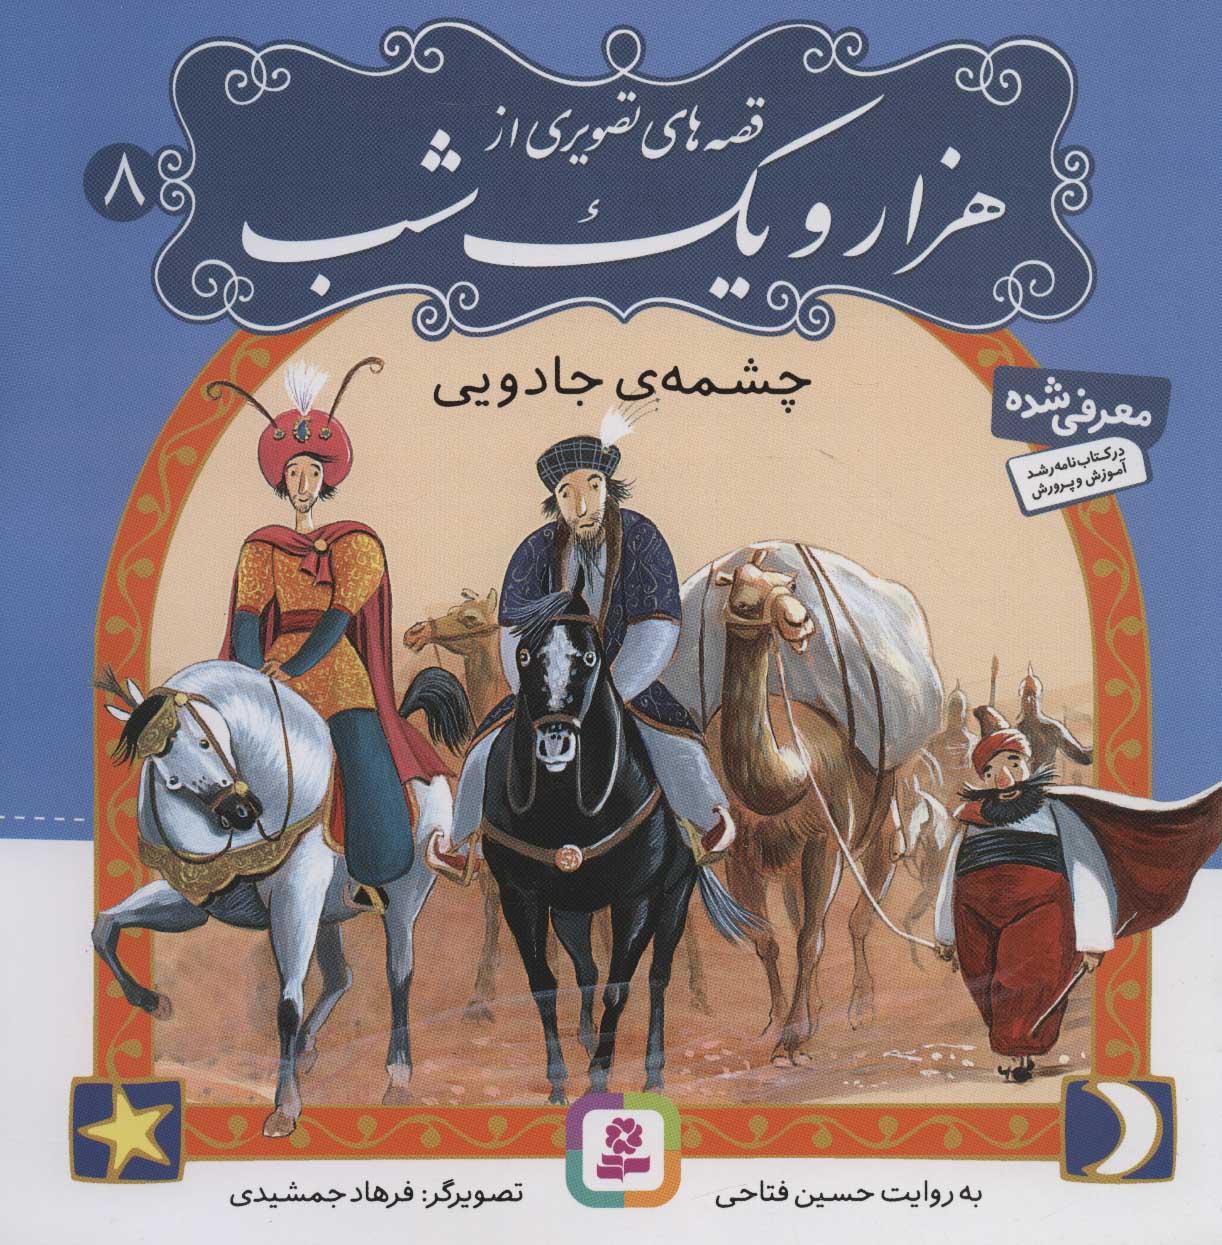 قصه های تصویری از هزار و یک شب 8 (چشمه ی جادویی)،(گلاسه)